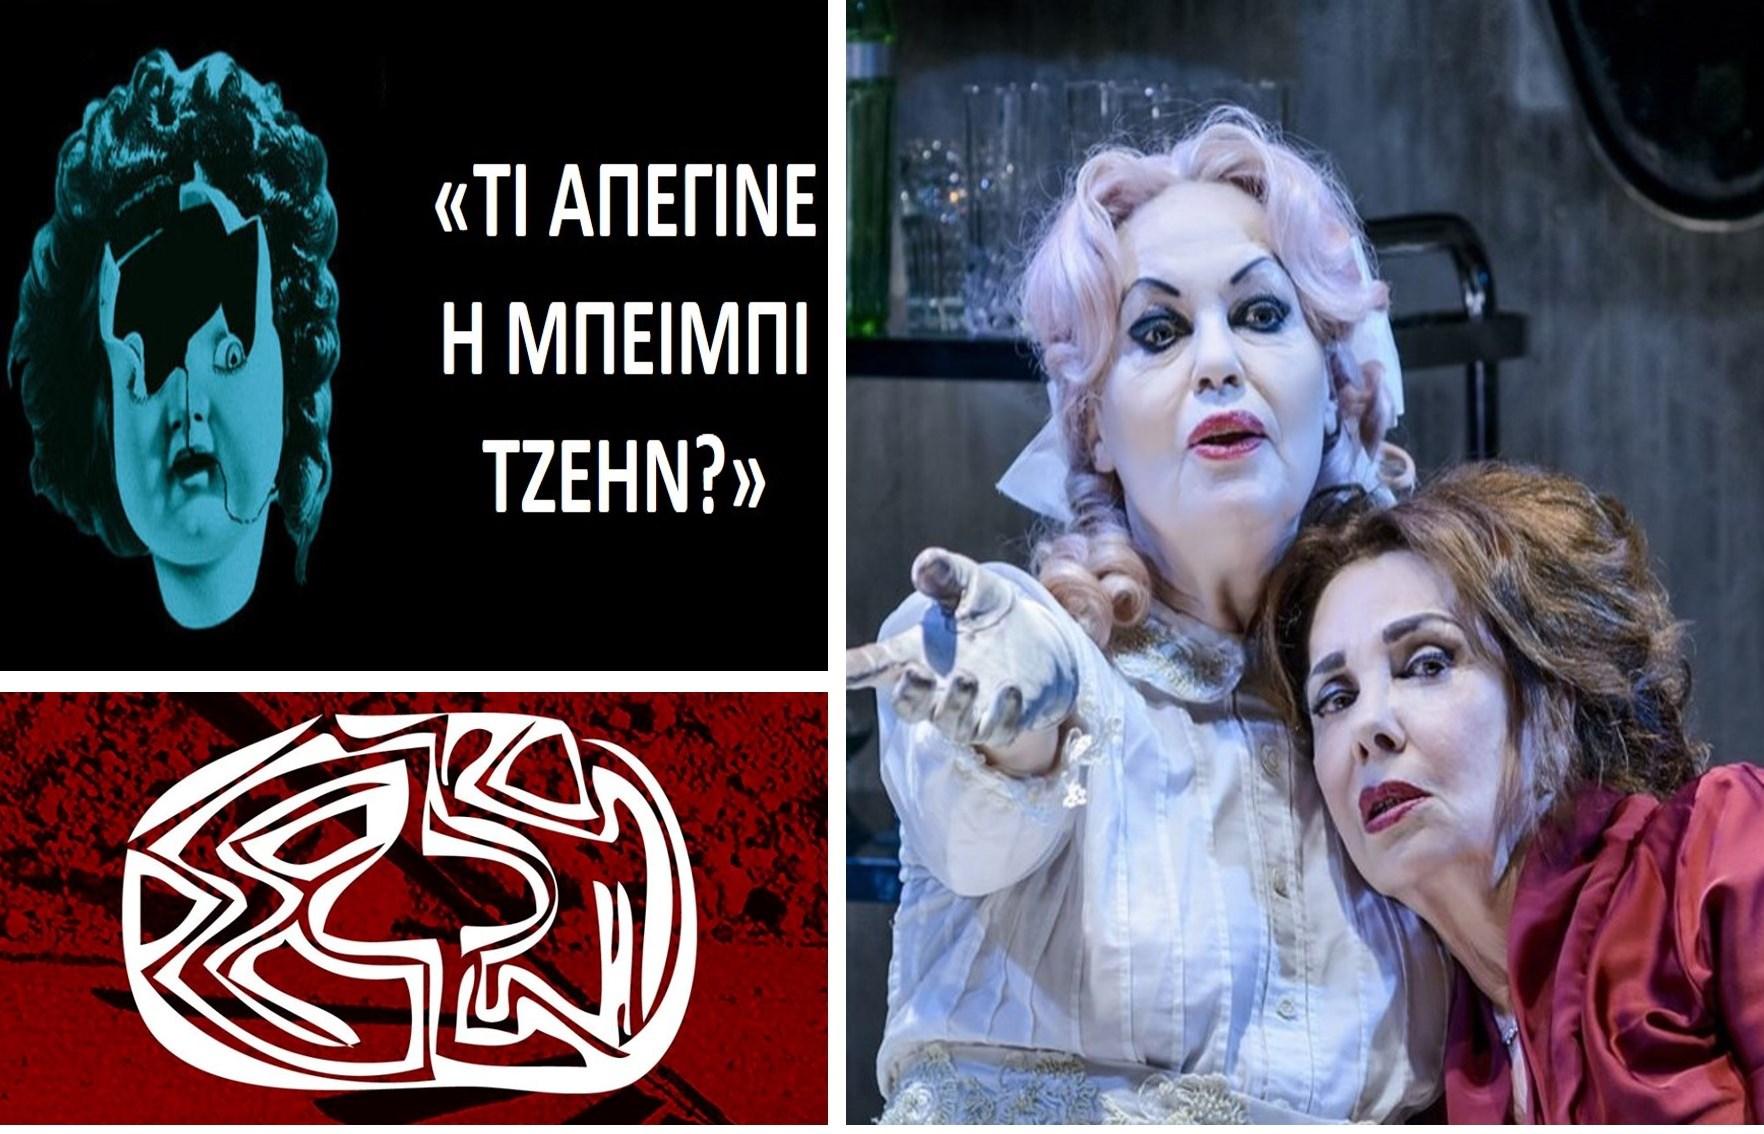 11€ από 16€ για είσοδο στην θρυλική θεατρική παράσταση ''Τι απέγινε η Μπέημπι Τζέην;'', με τις Ρούλα Πατεράκη & Μπέτυ Λιβανού, στο θέατρο Σφενδόνη